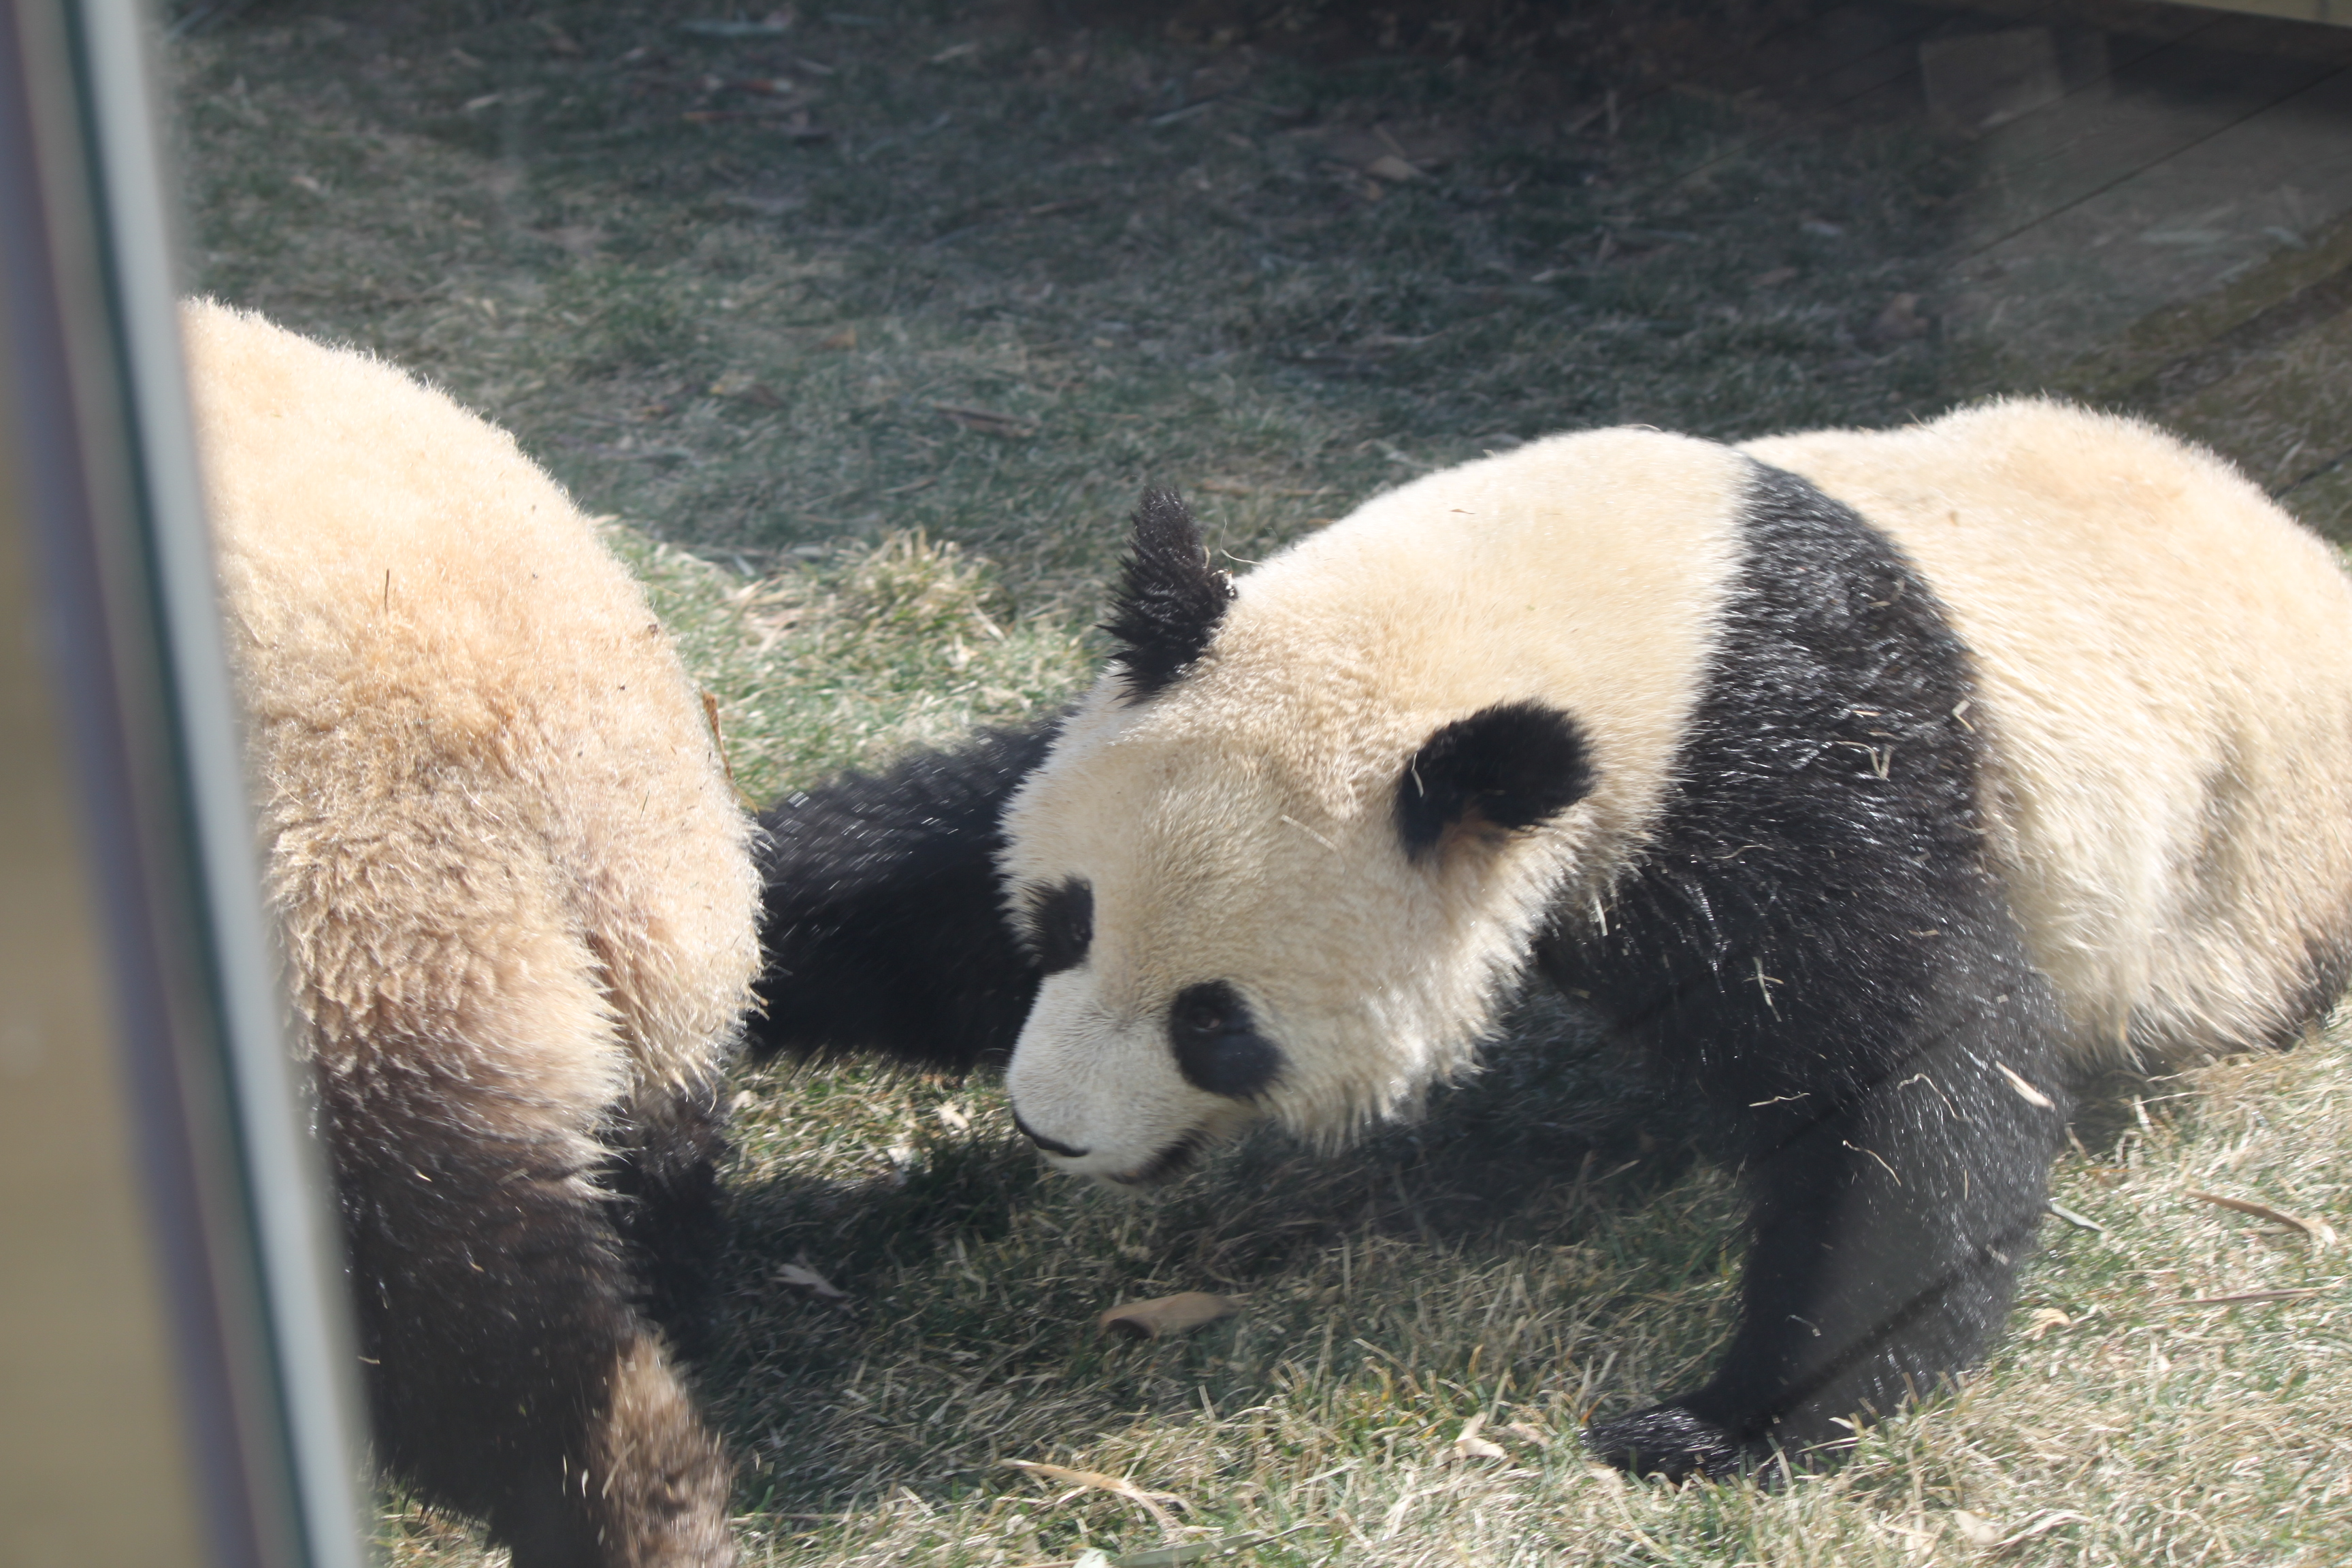 武林萌主大熊猫【取景于大连森林动物园熊猫馆】 - 【